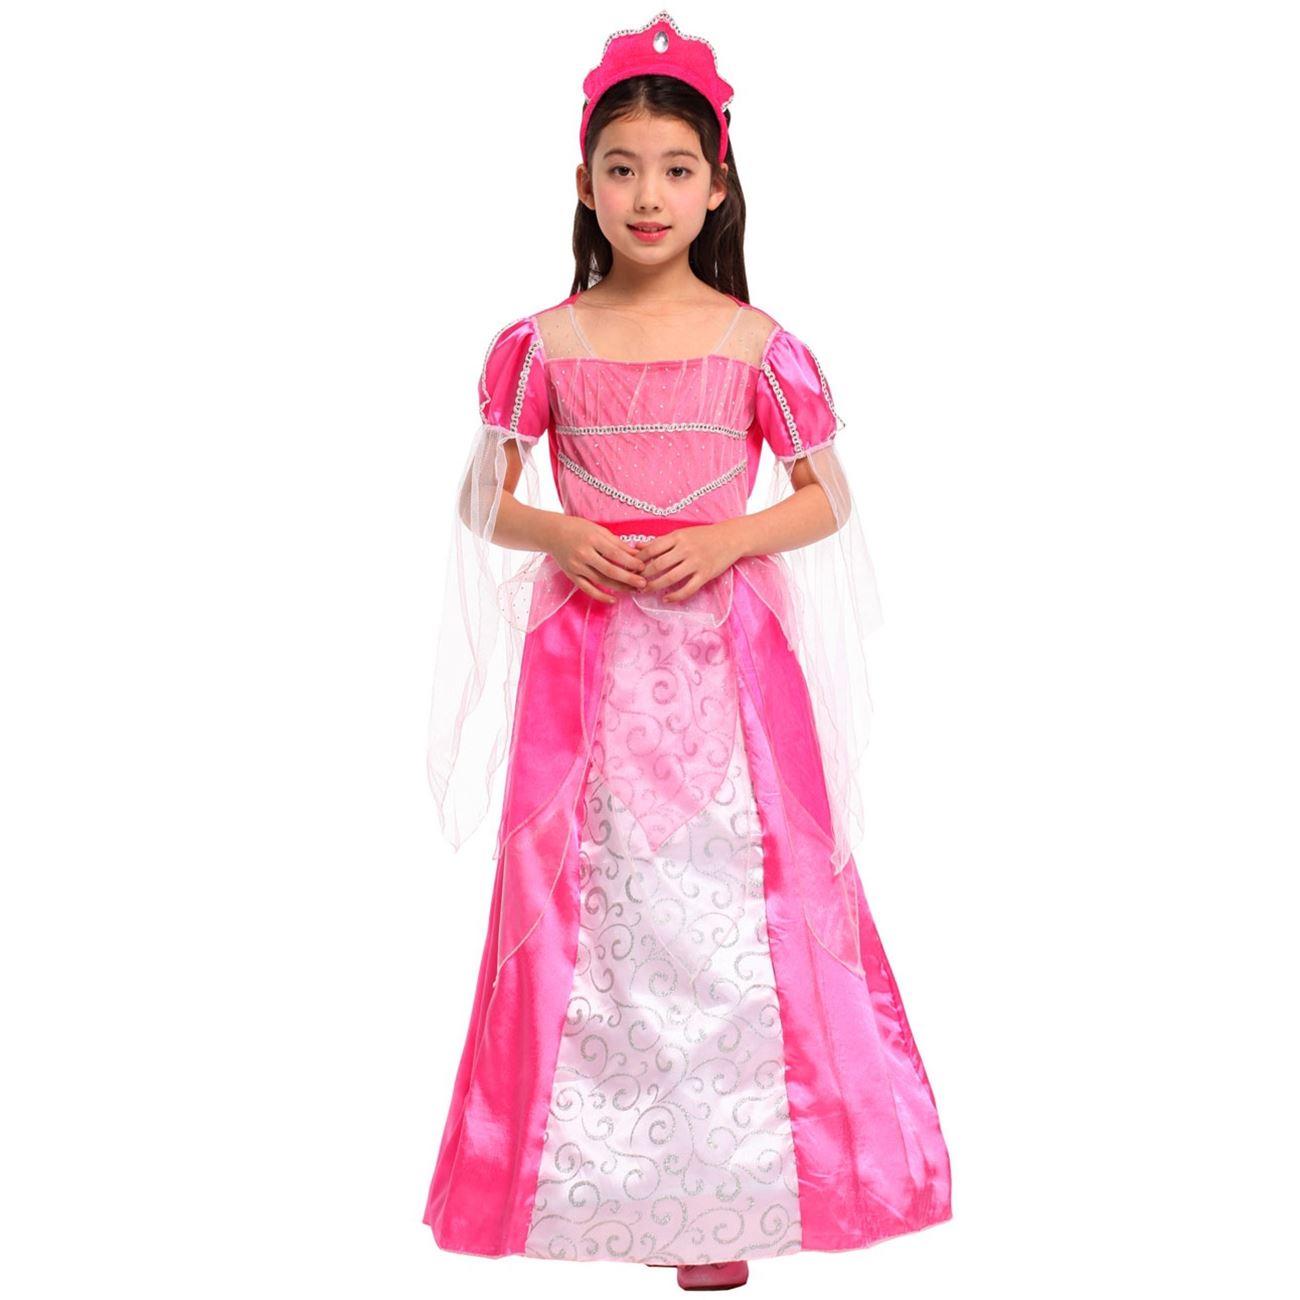 d09ab910861 Αποκριάτικη Στολή Πριγκίπισσα Ροζ Φόρεμα < Στολές Παιδικές Πριγκίπισσες |  Jumbo